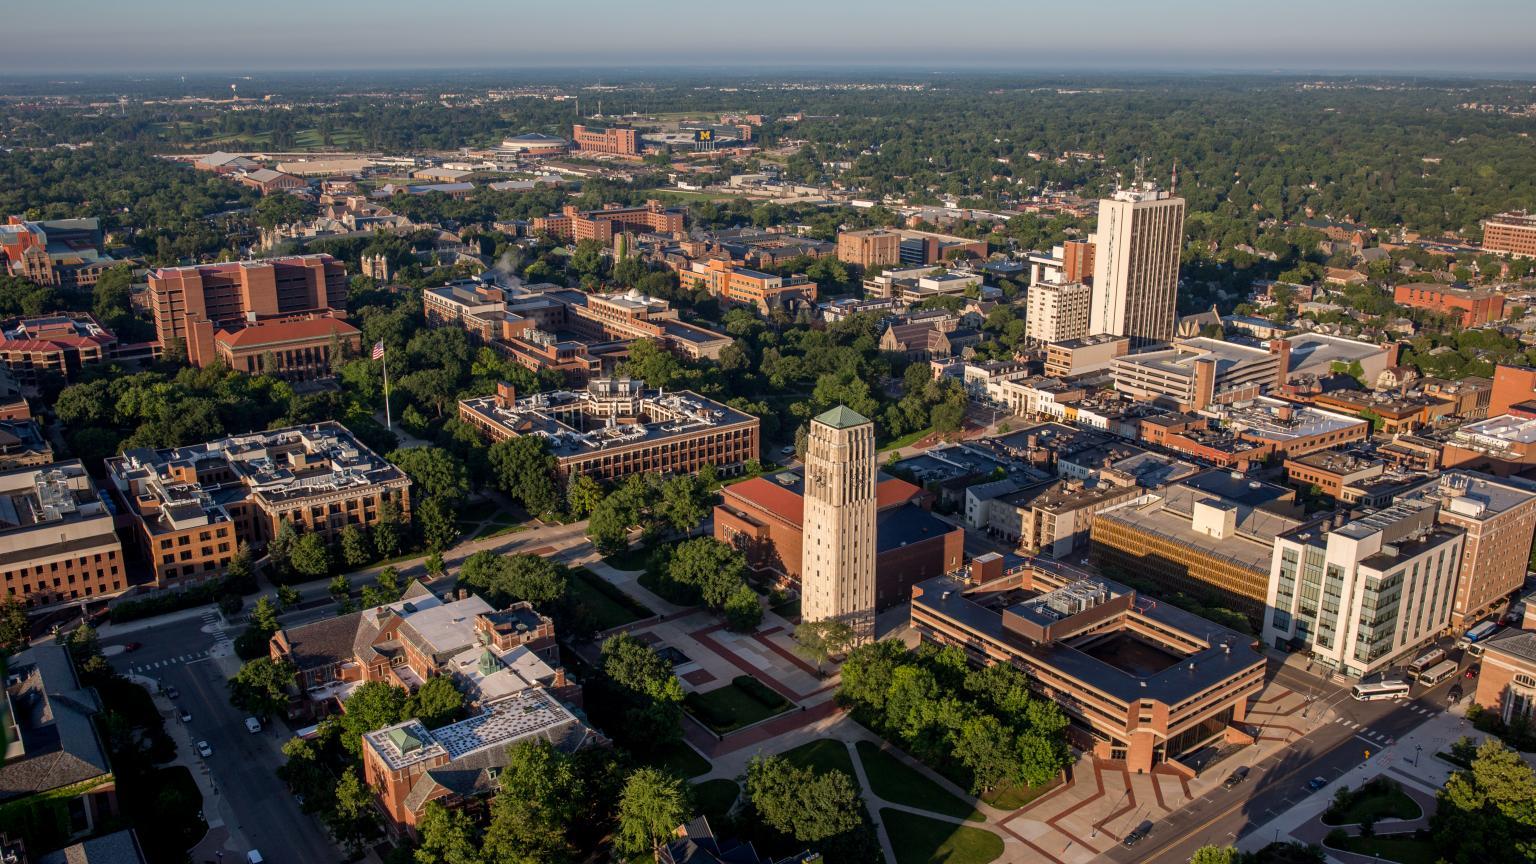 Centeral Campus Aerial